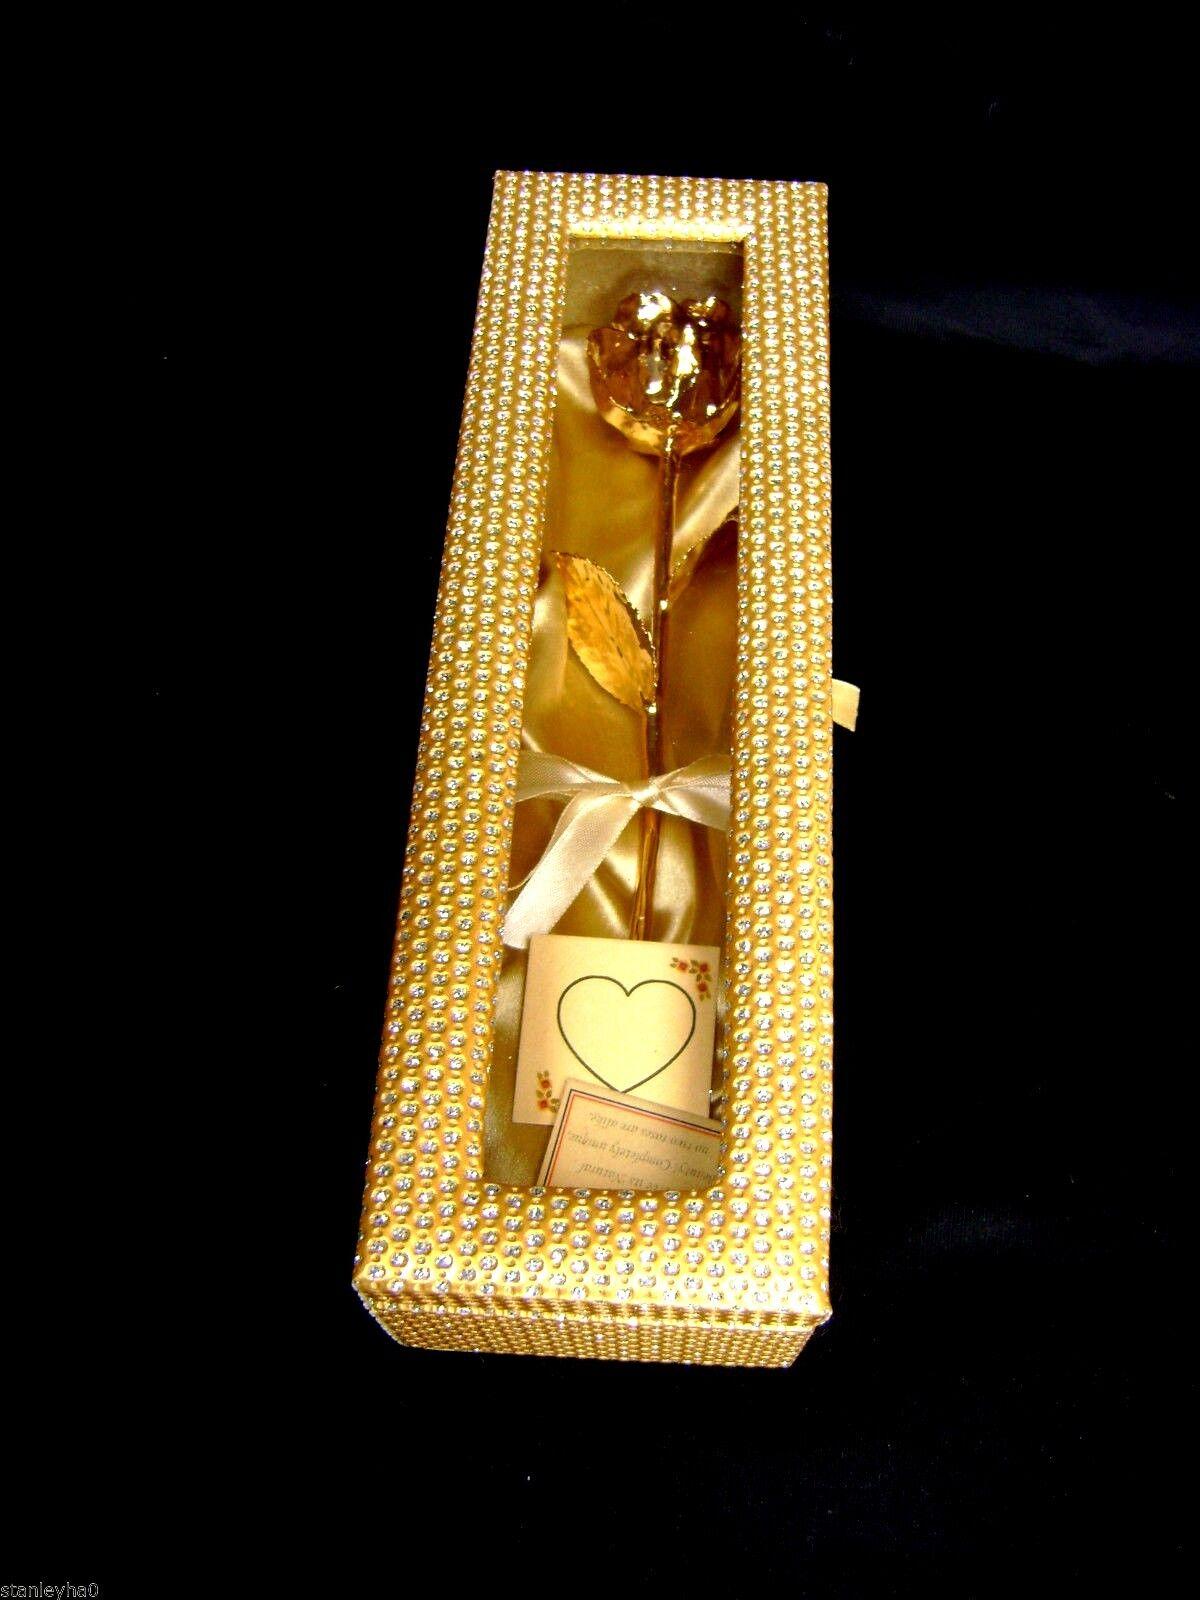 Cadeau de noël 12 pouces 24K Or dipped  dipped Or real rose dans un or égyptien cercueil nouveau f92b12